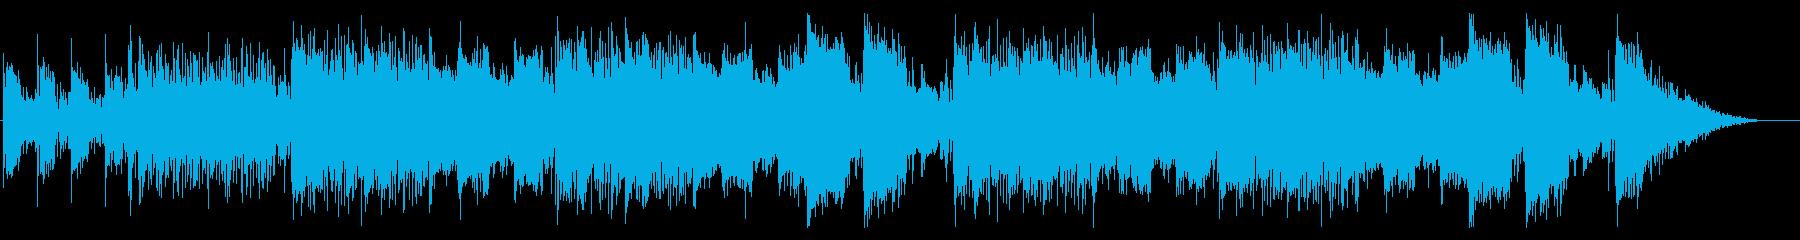 エレクトロニックでエスニックなバトル曲の再生済みの波形